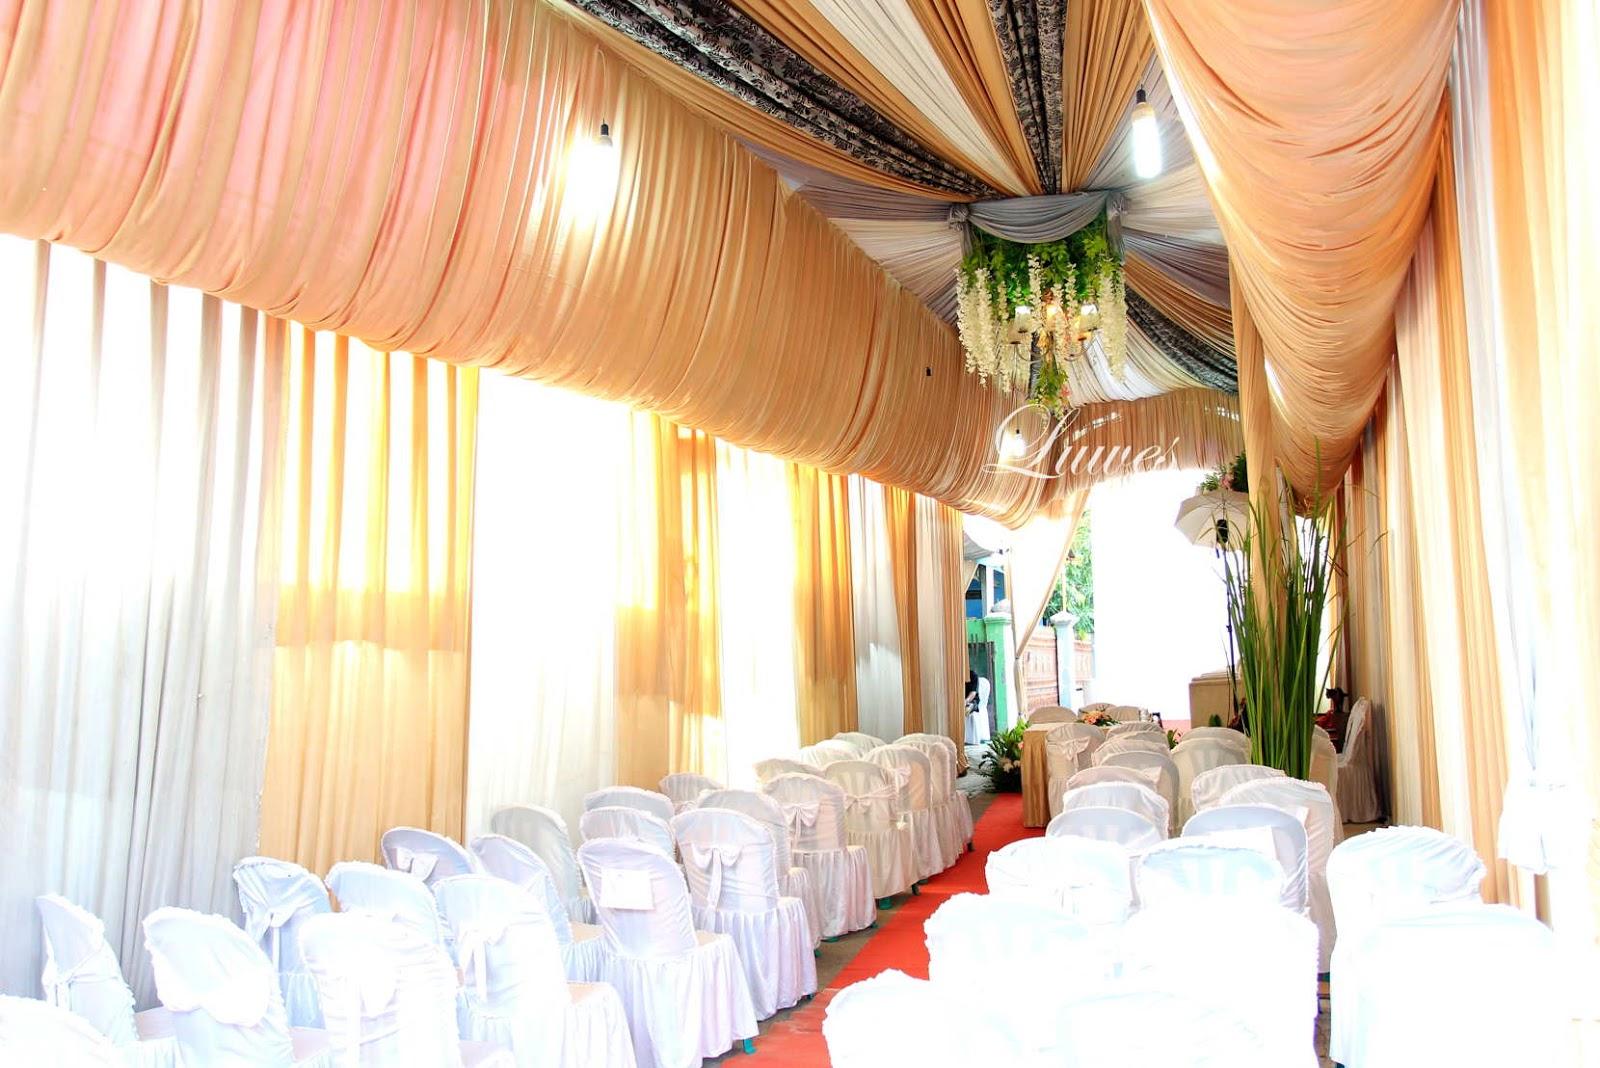 Harga paket pernikahan murah dan hemat Bekasi